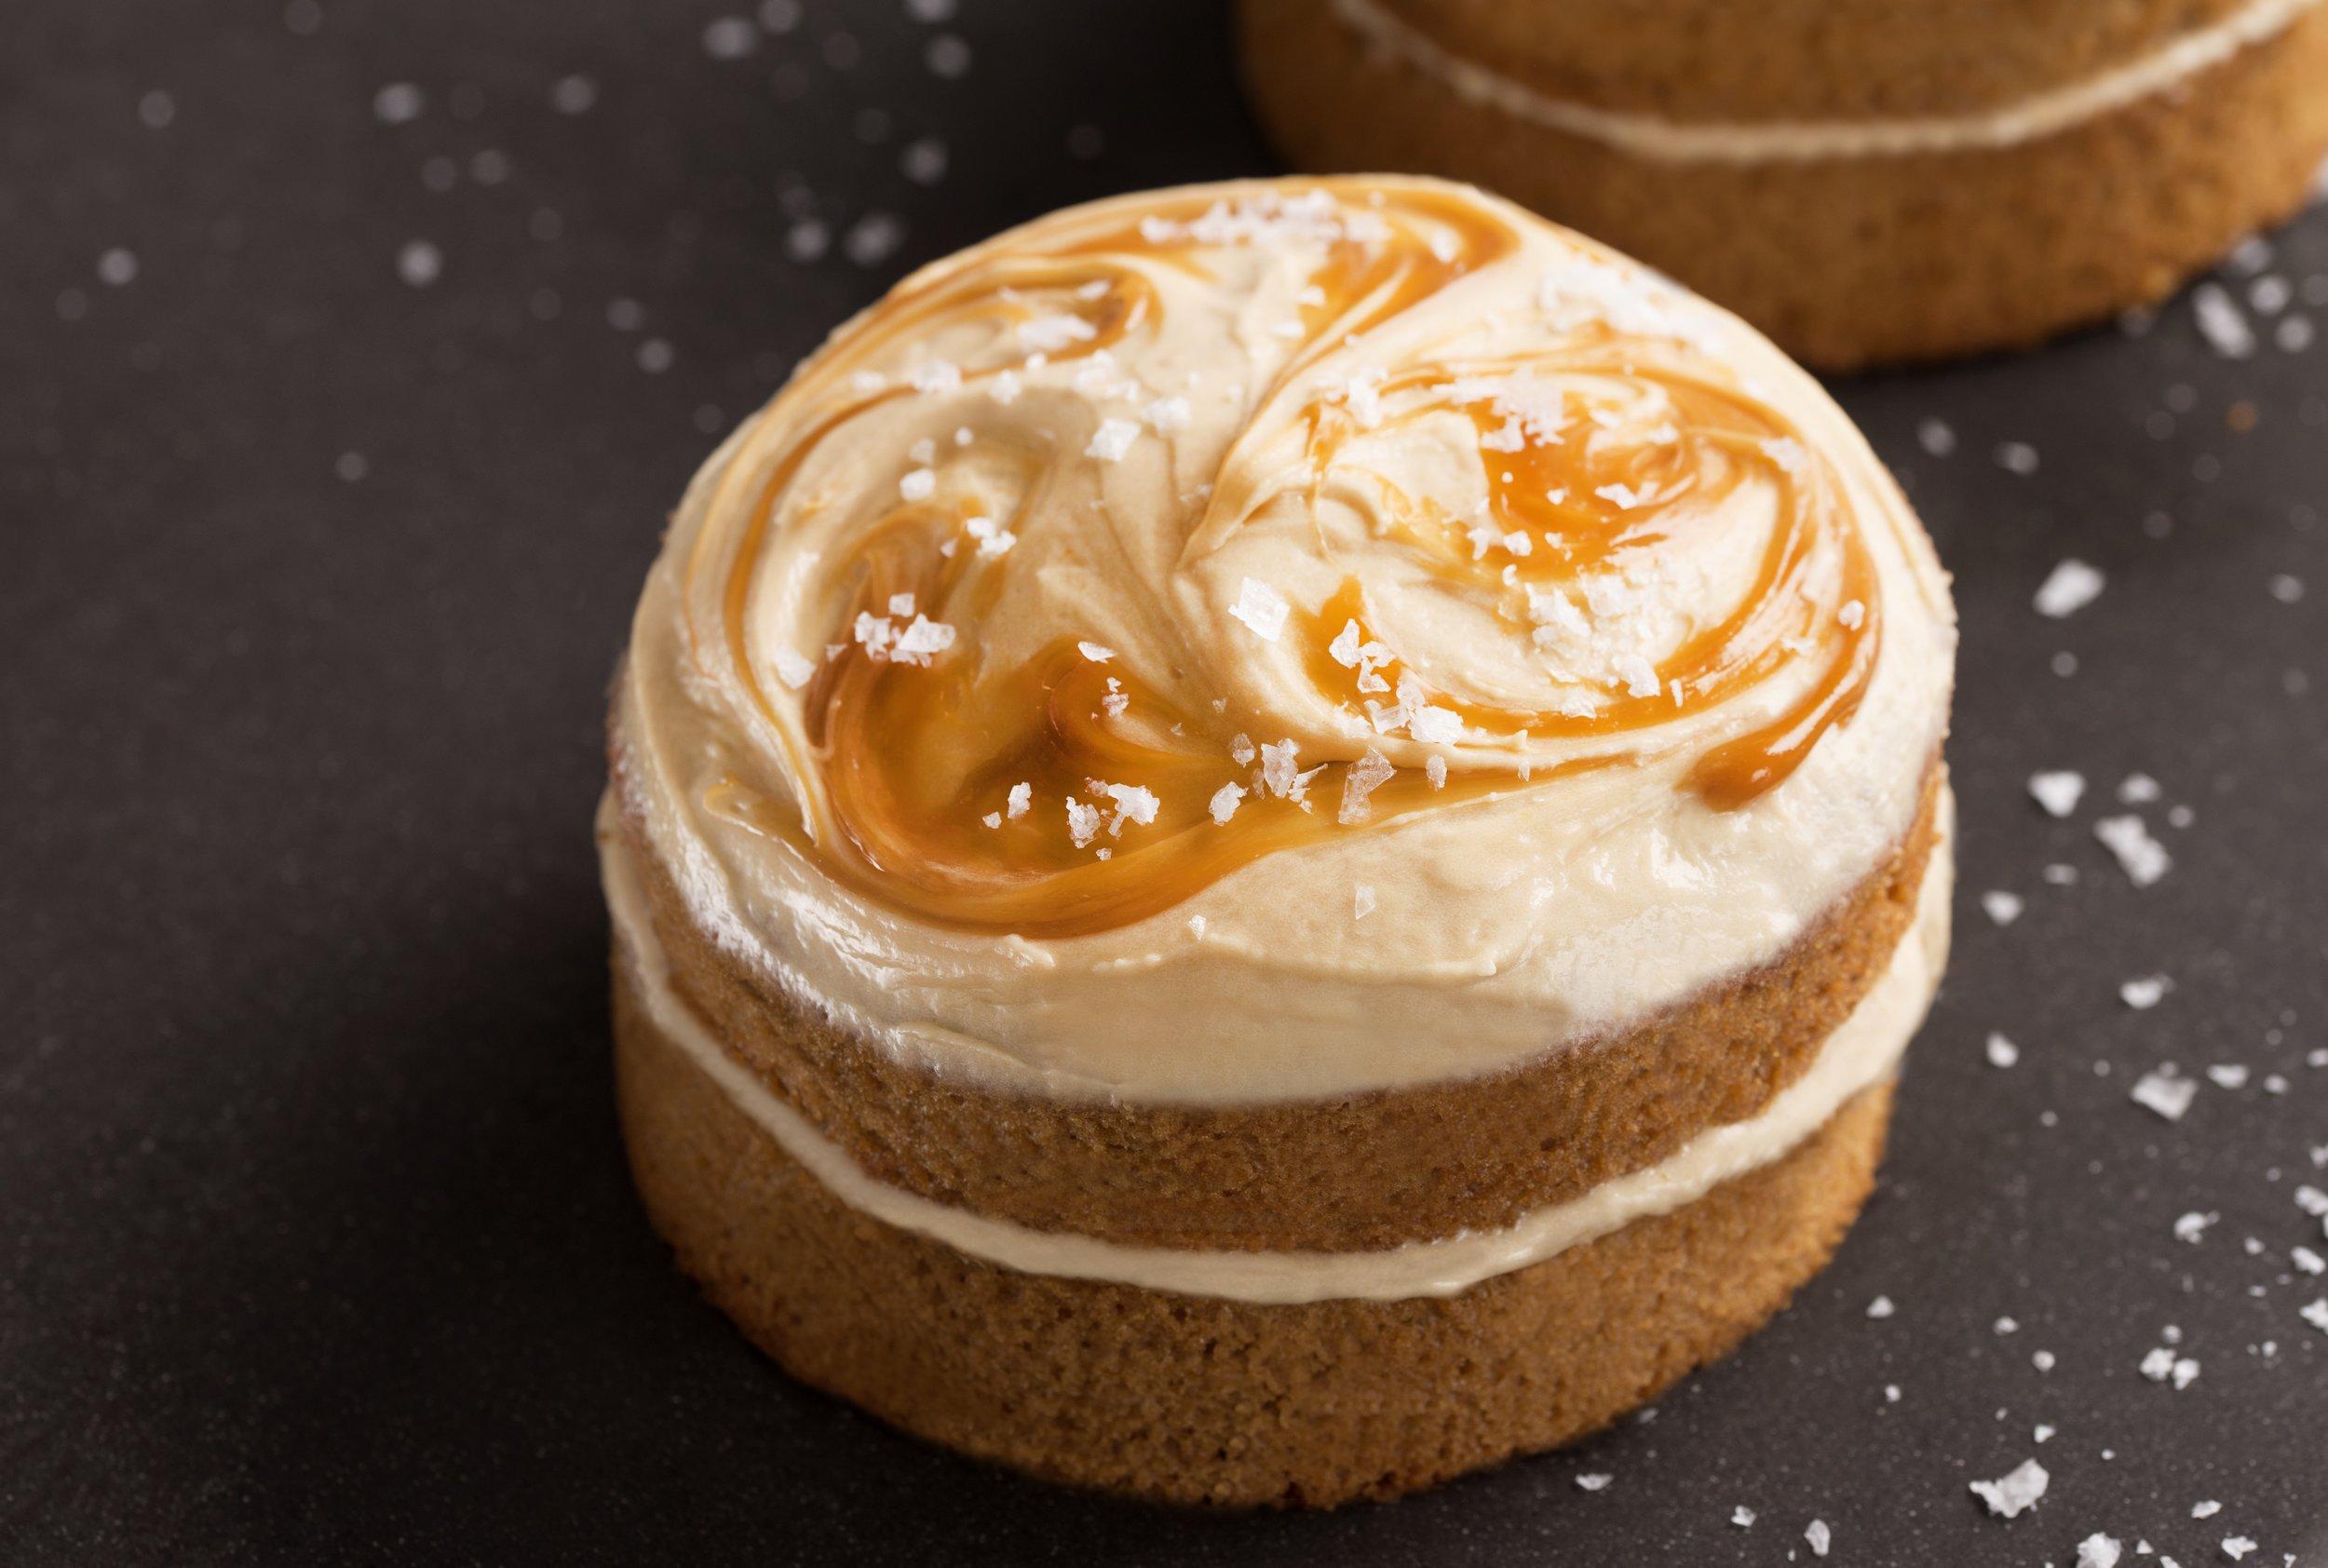 cake-4-v1tif.jpg